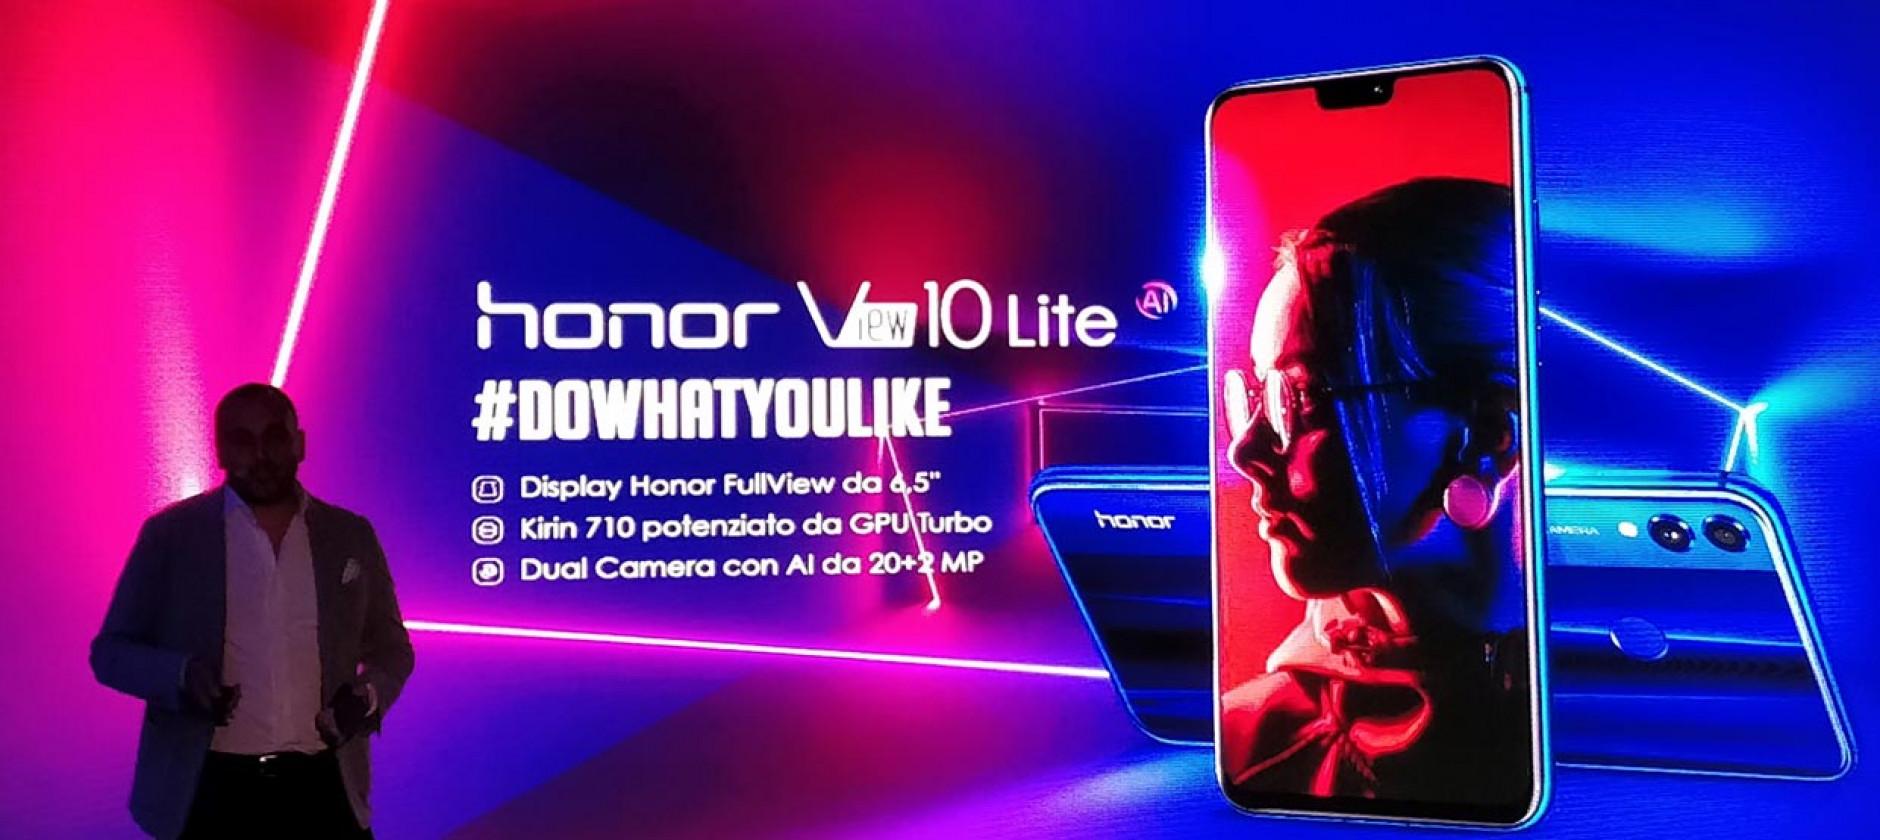 Honor View 10 Lite MediaWorld